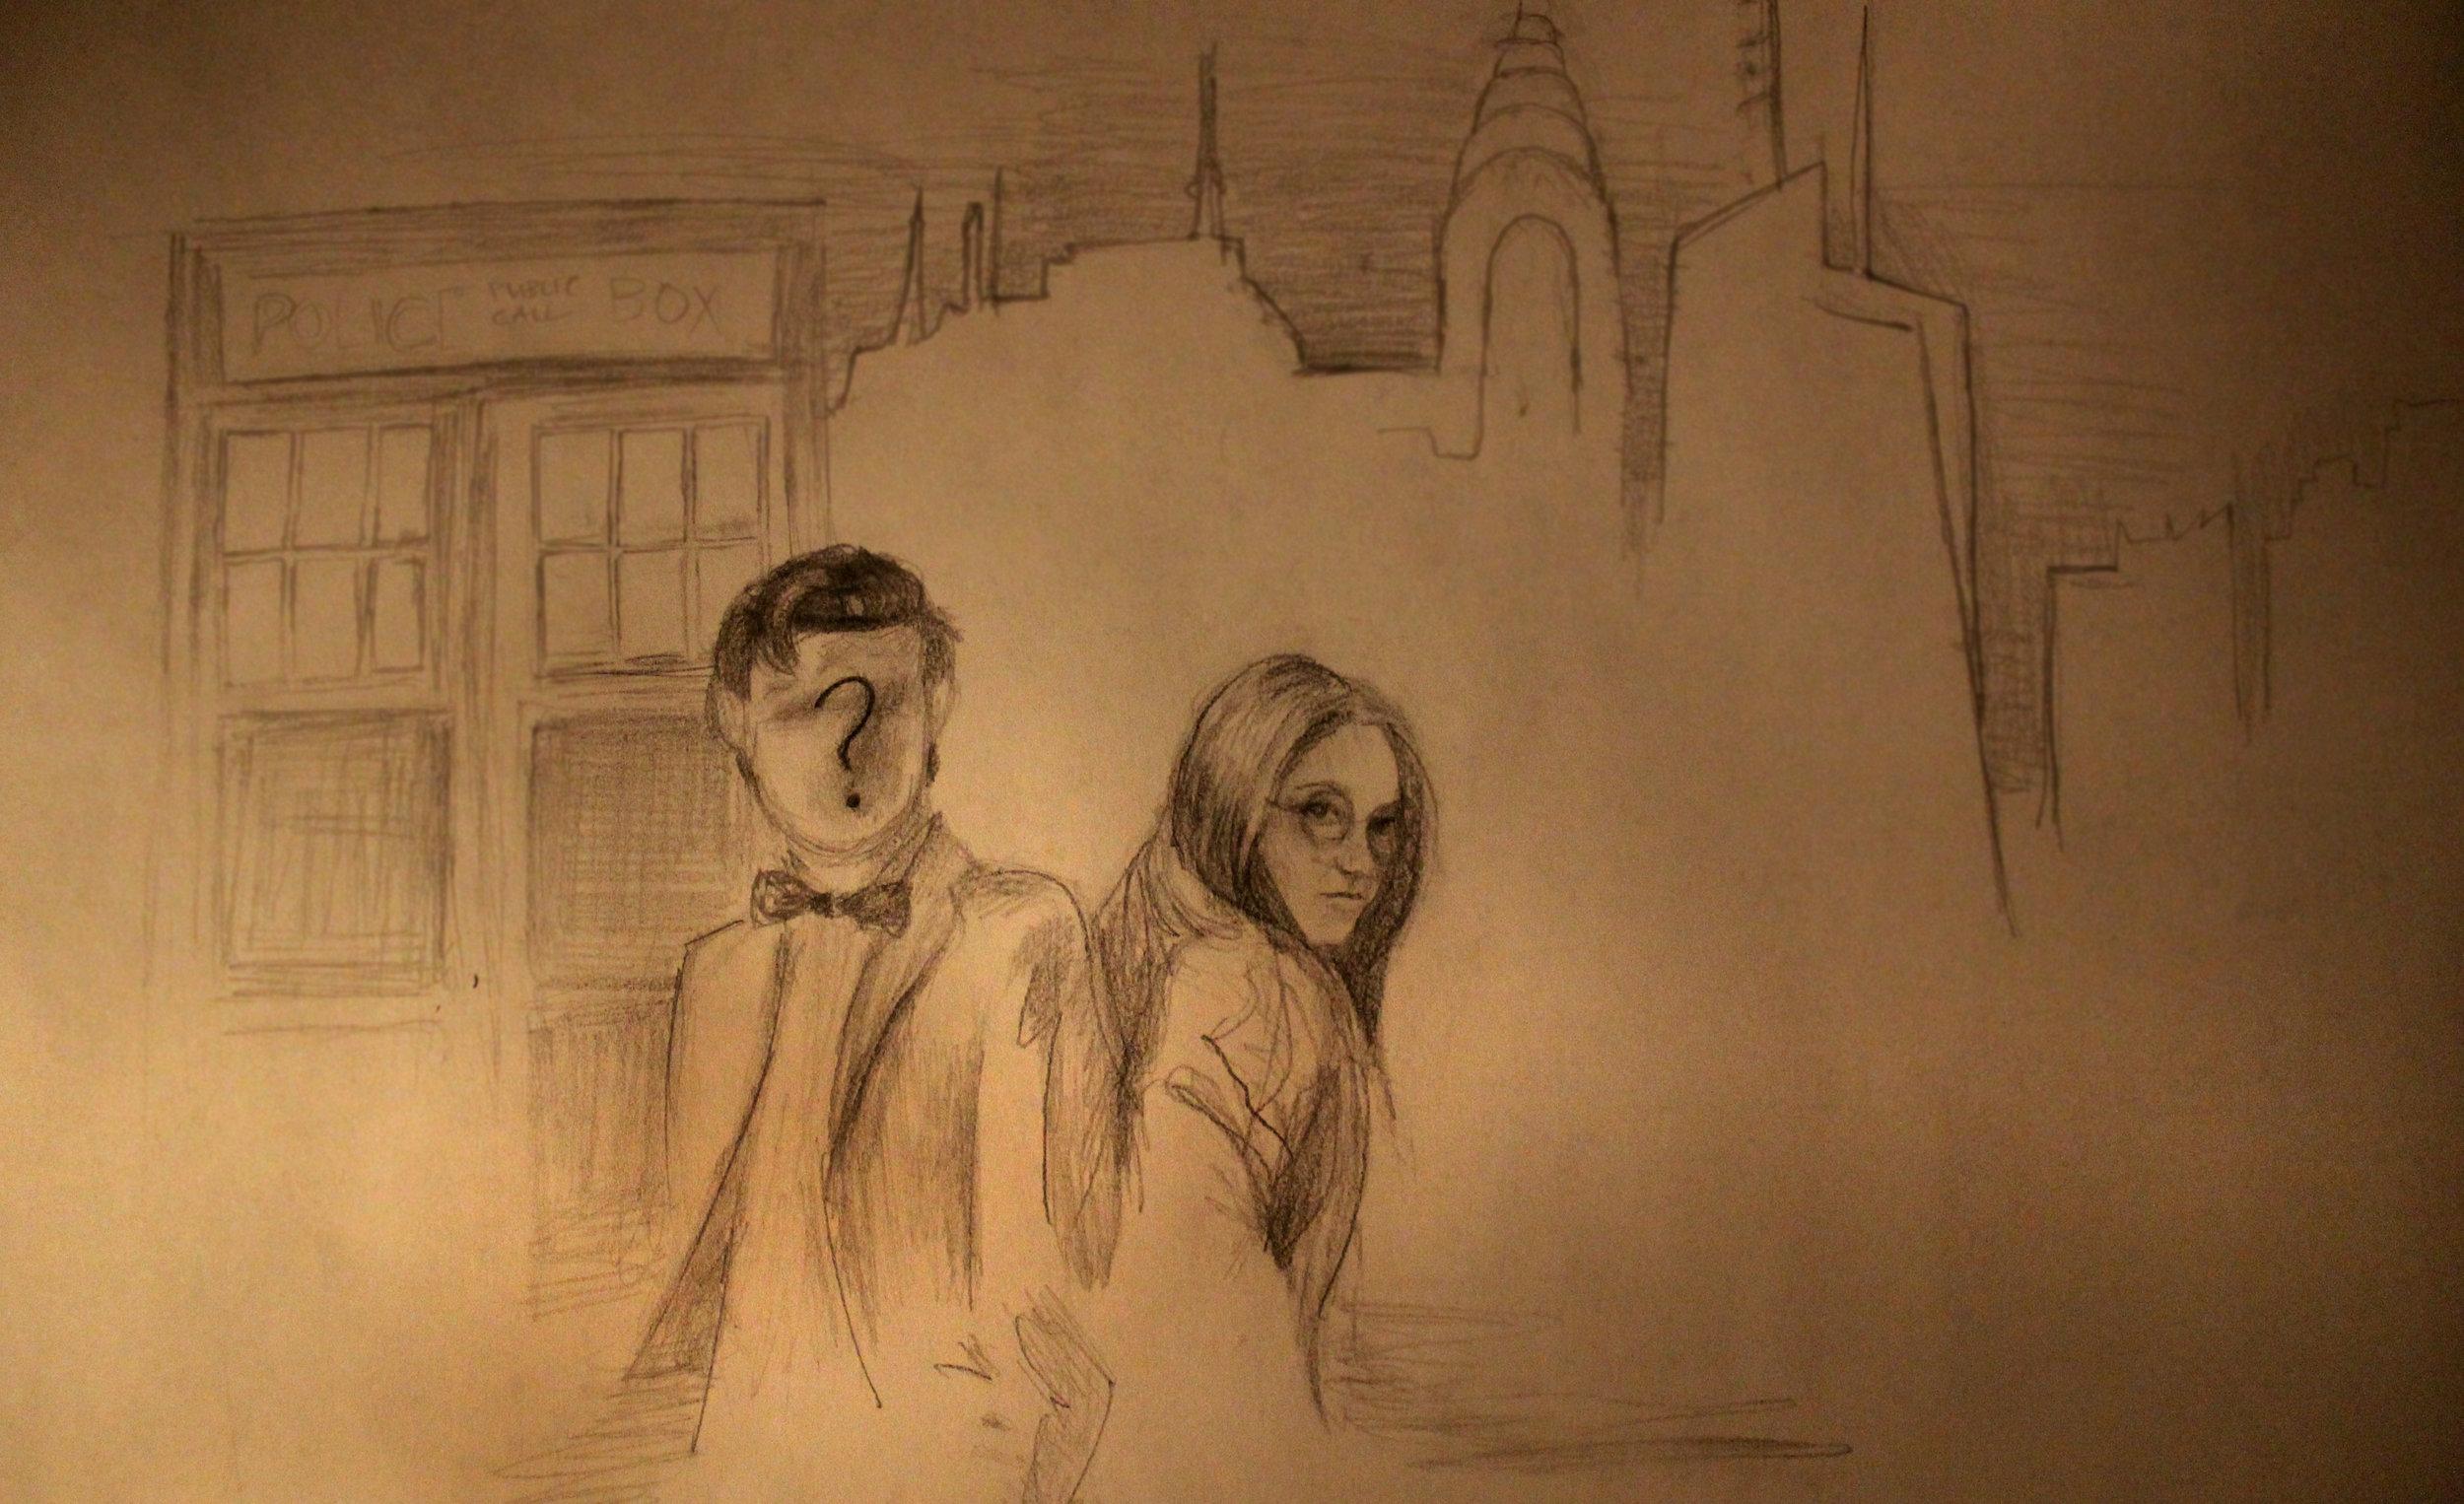 Abigail-Jennings-et-al.-illustration.jpg